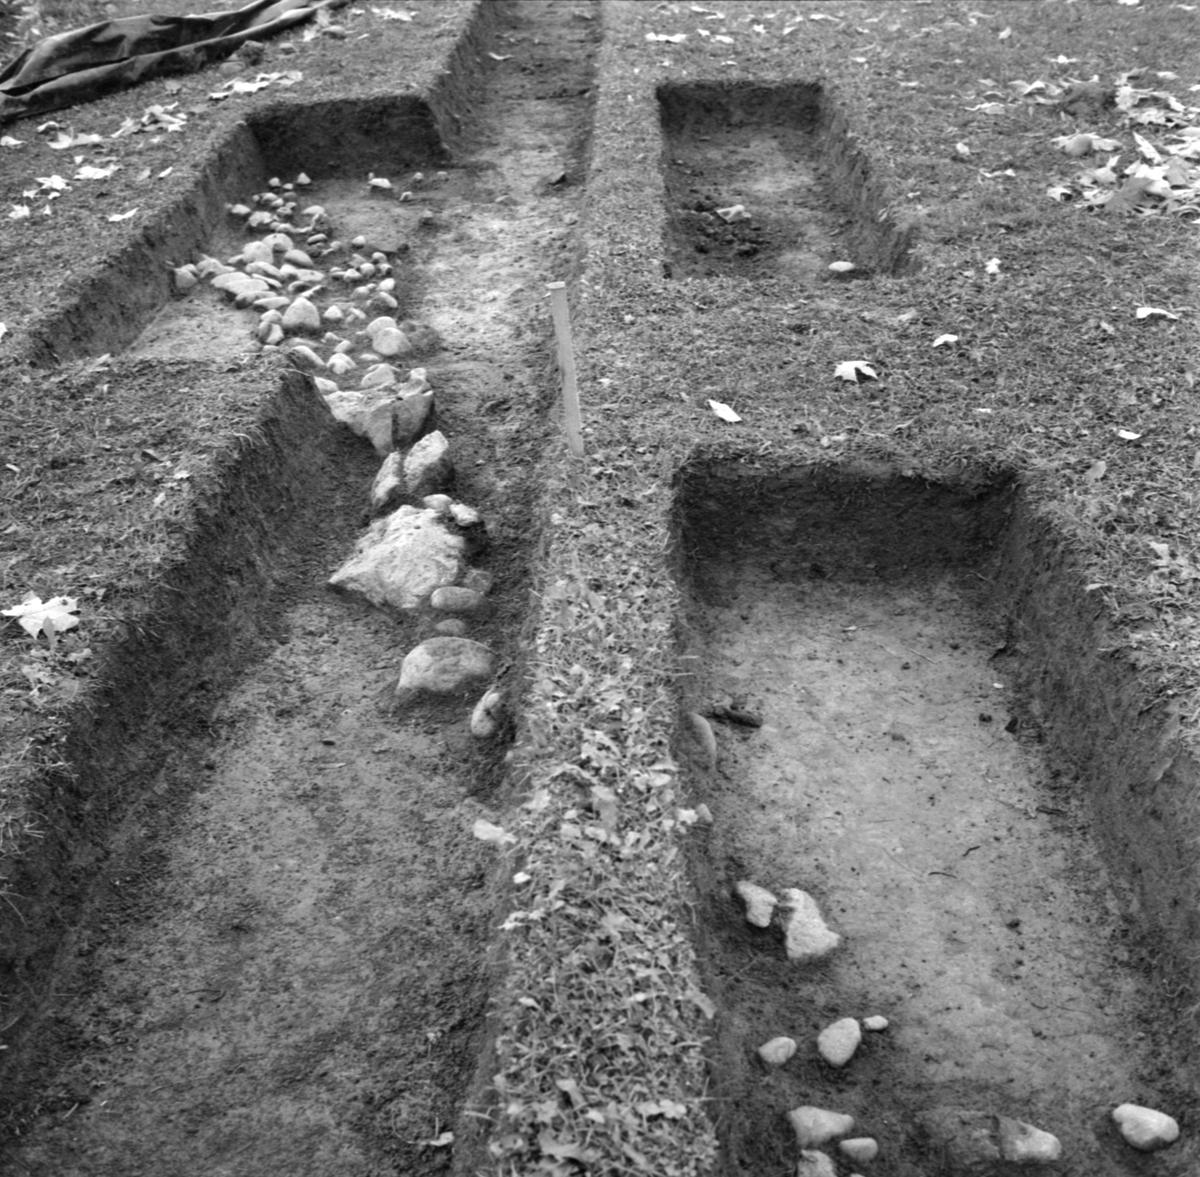 Kungsgårdsplatån, stensättning - Arkeologi Gamla Uppsala 1988